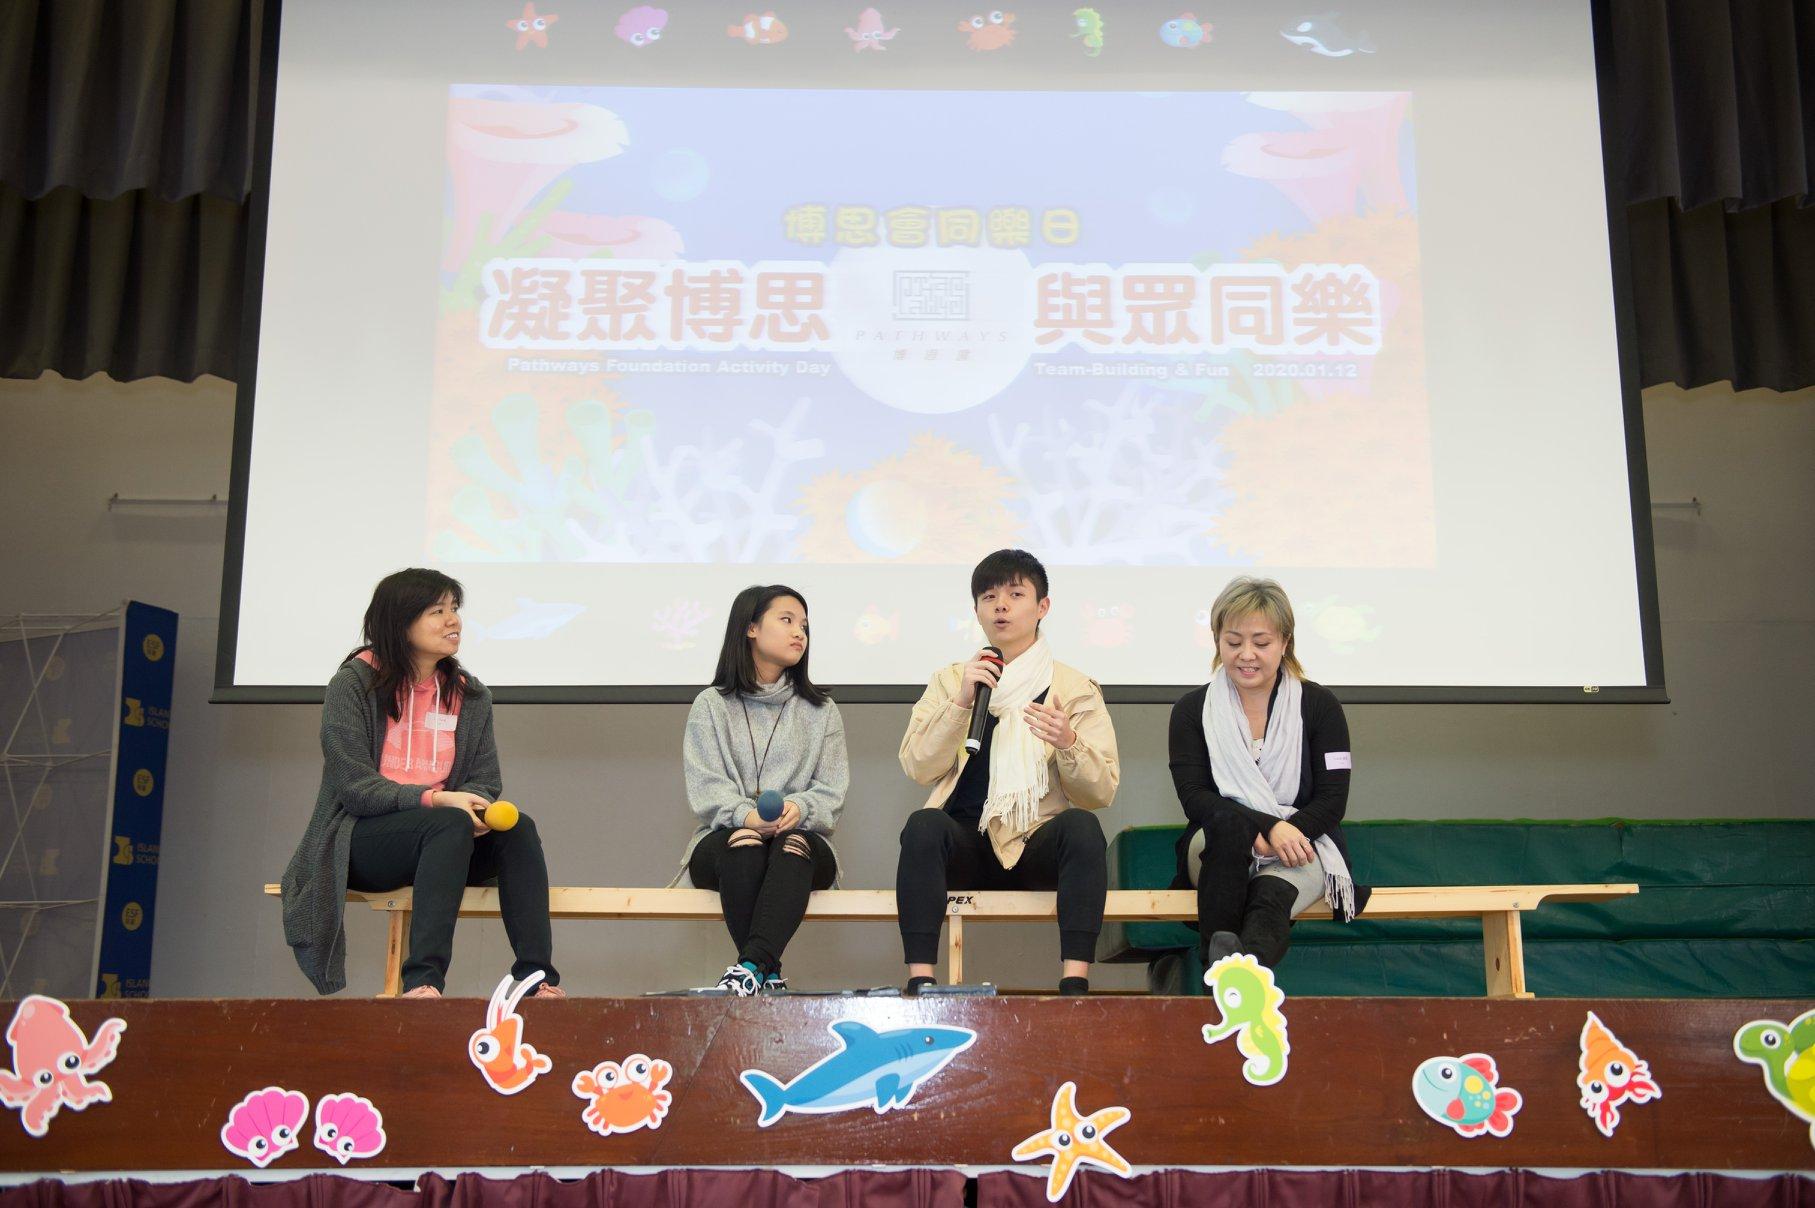 博思會學生及家長分享,感激博思會老師多年來的支持